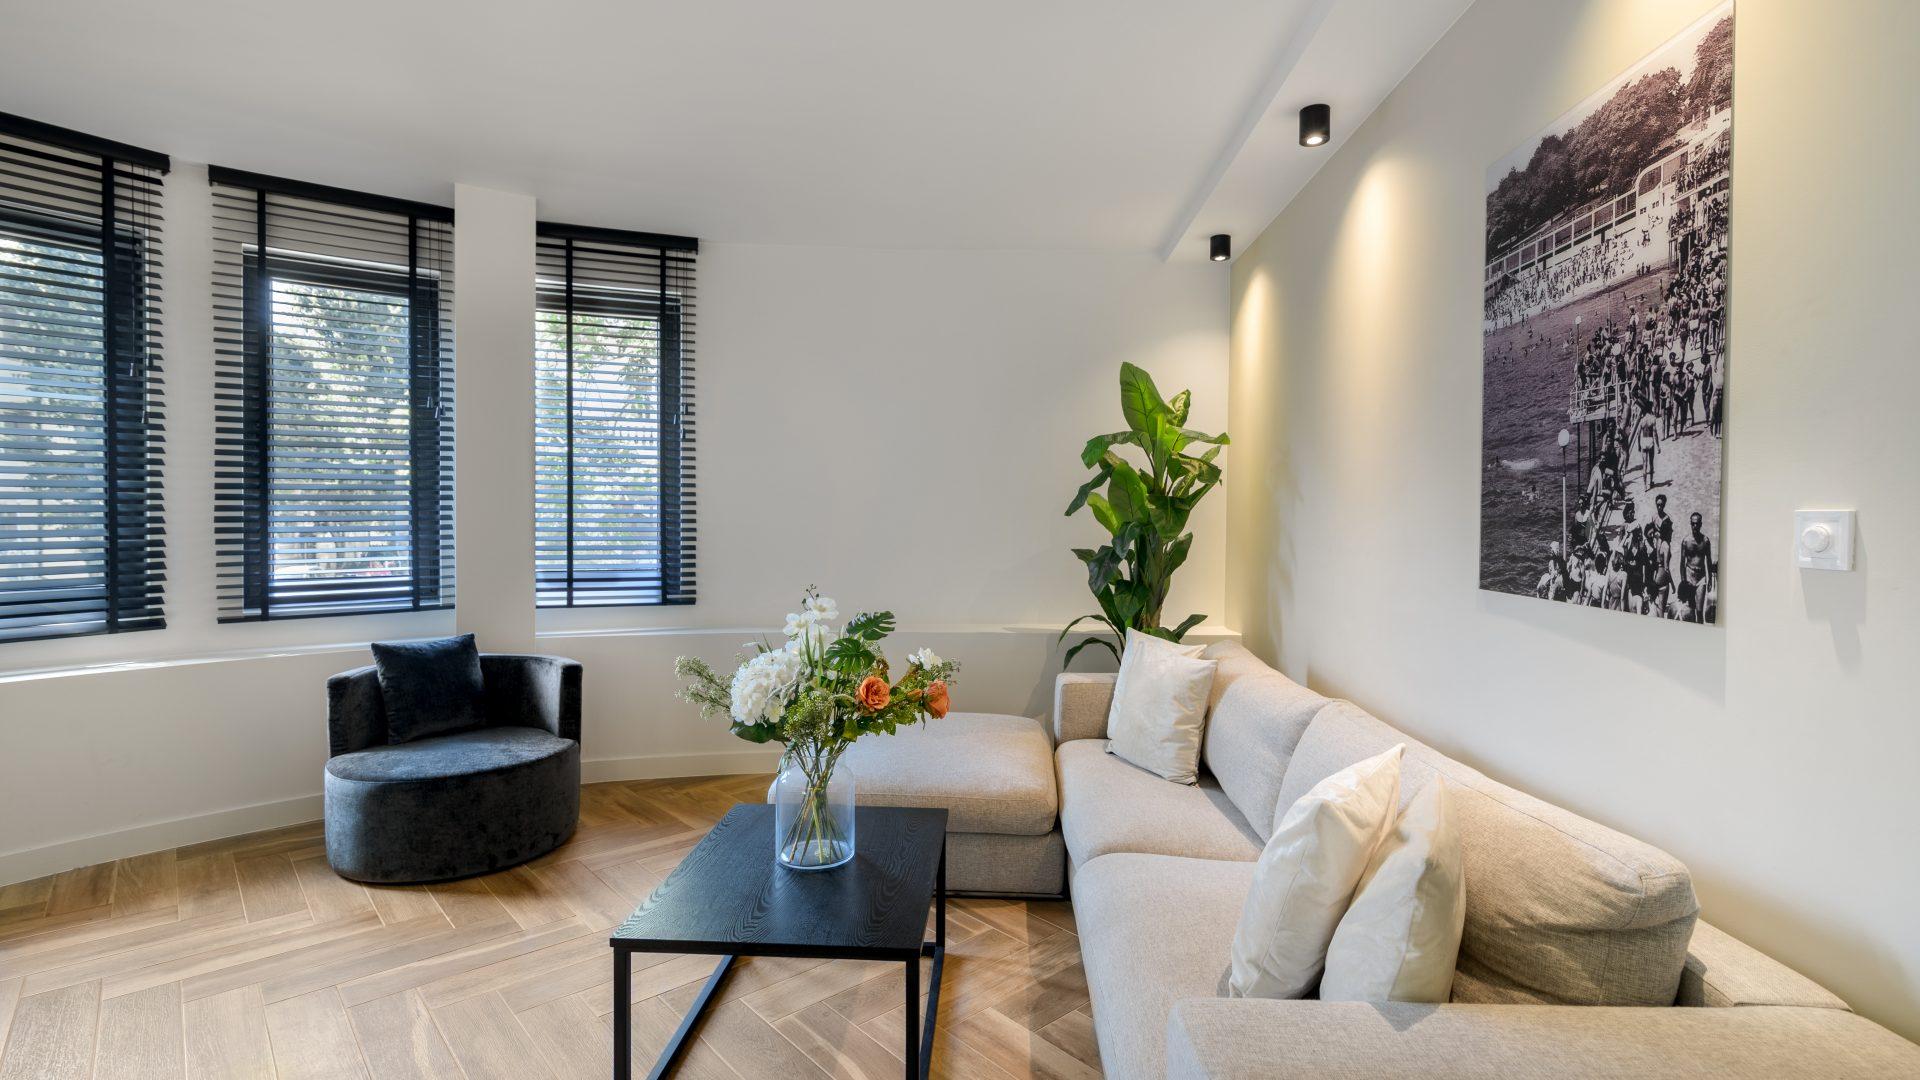 R-Varna Deluxe 2-bedroom apartment